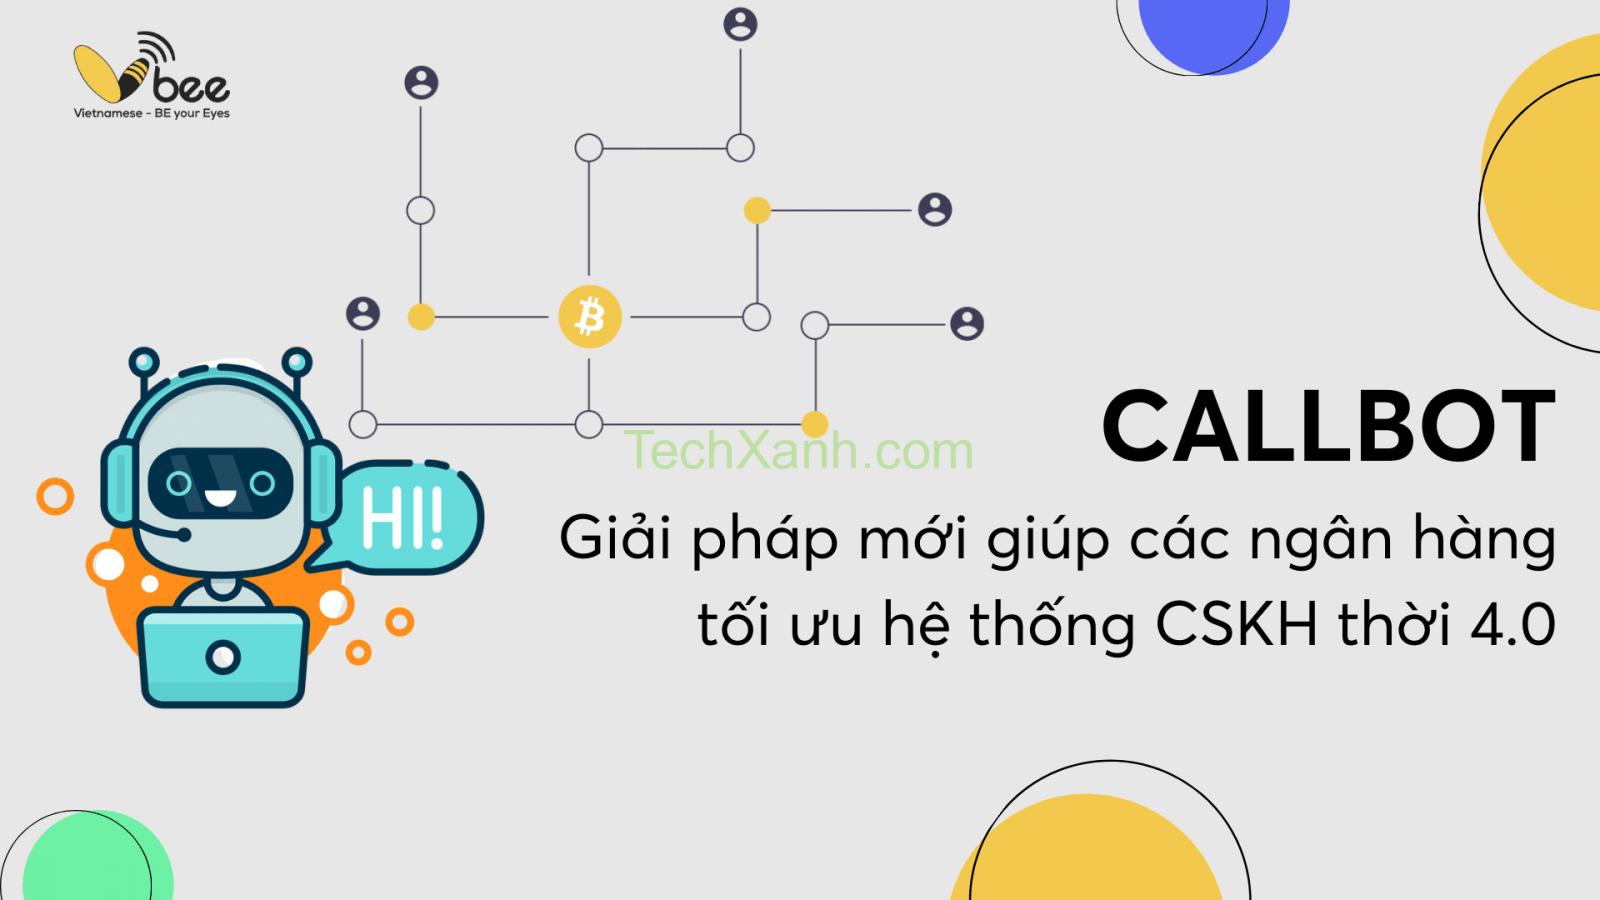 Callbot là một công việc AI thay thế con người